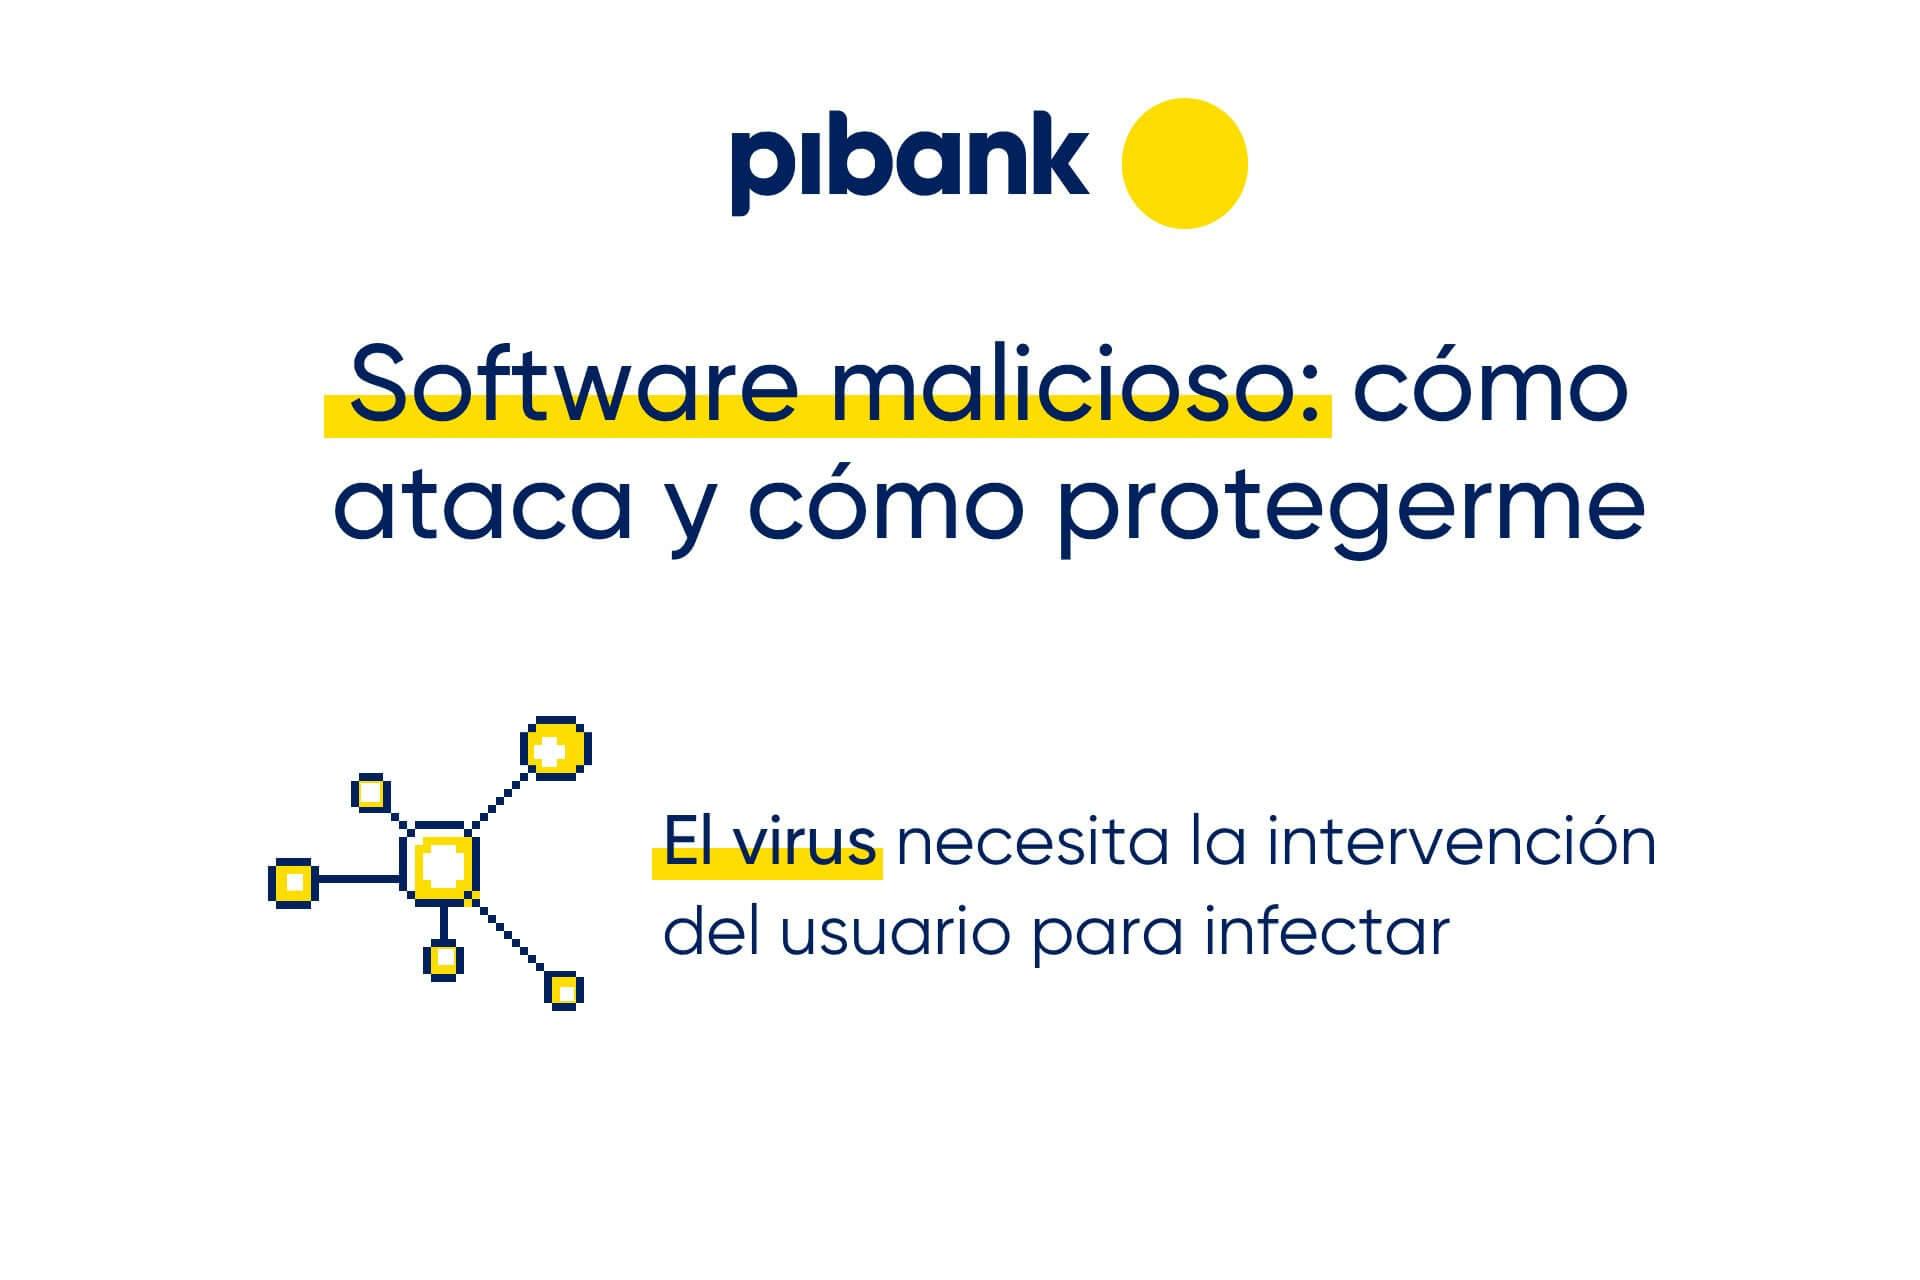 software_malicioso1